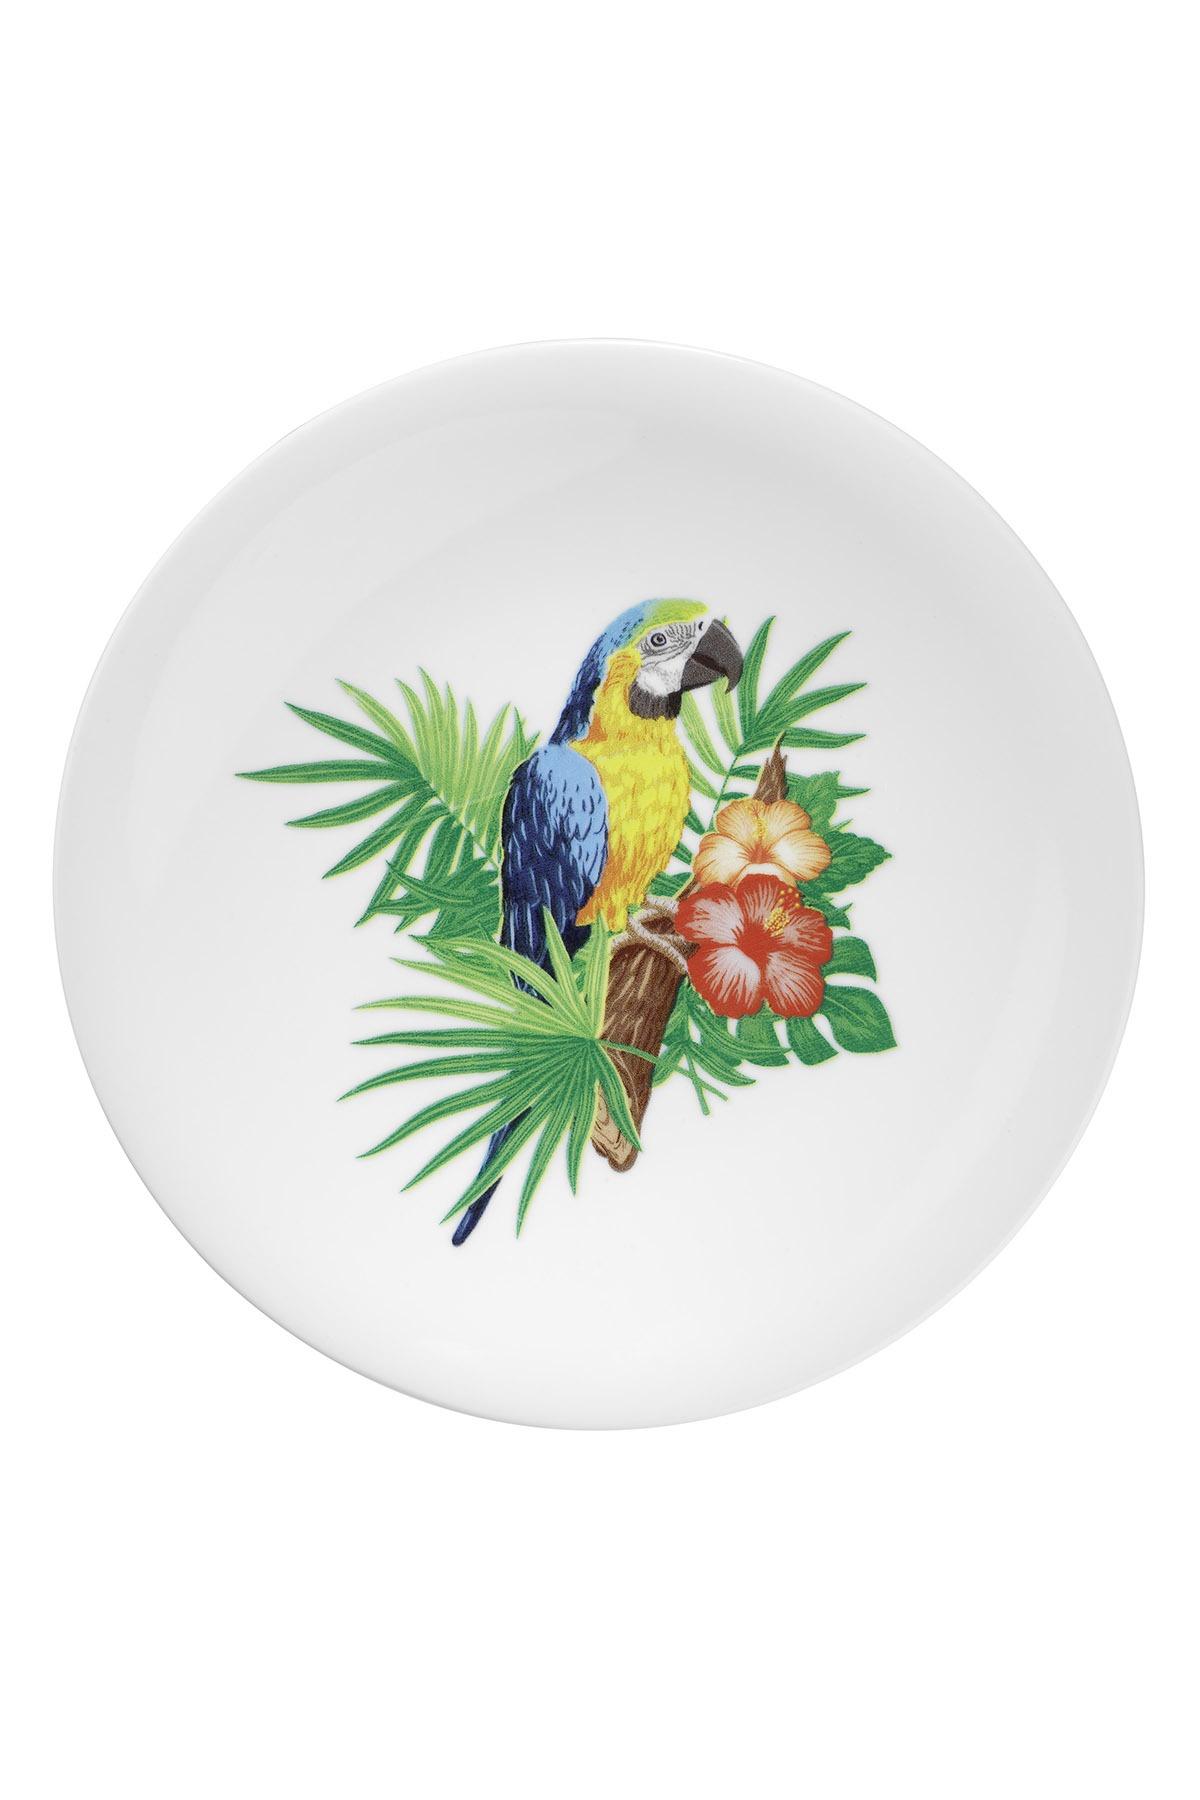 KÜTAHYA PORSELEN - Kütahya Porselen Doğadakiler 21 cm Pasta Tabağı Papağan